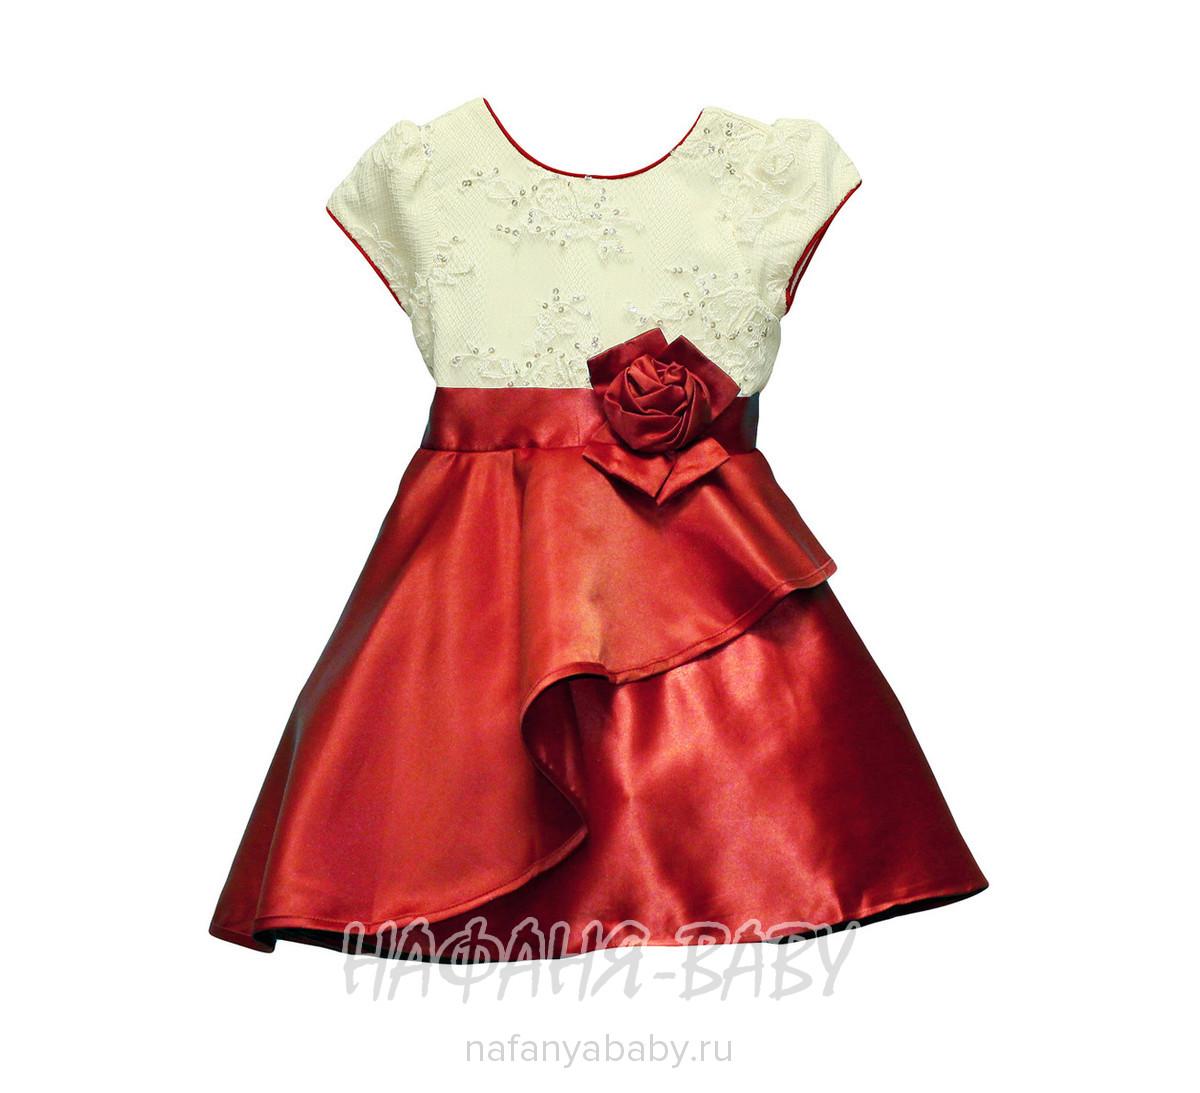 Детское платье AZ.Buka арт: 898, 5-9 лет, цвет красный, оптом Китай (Пекин)